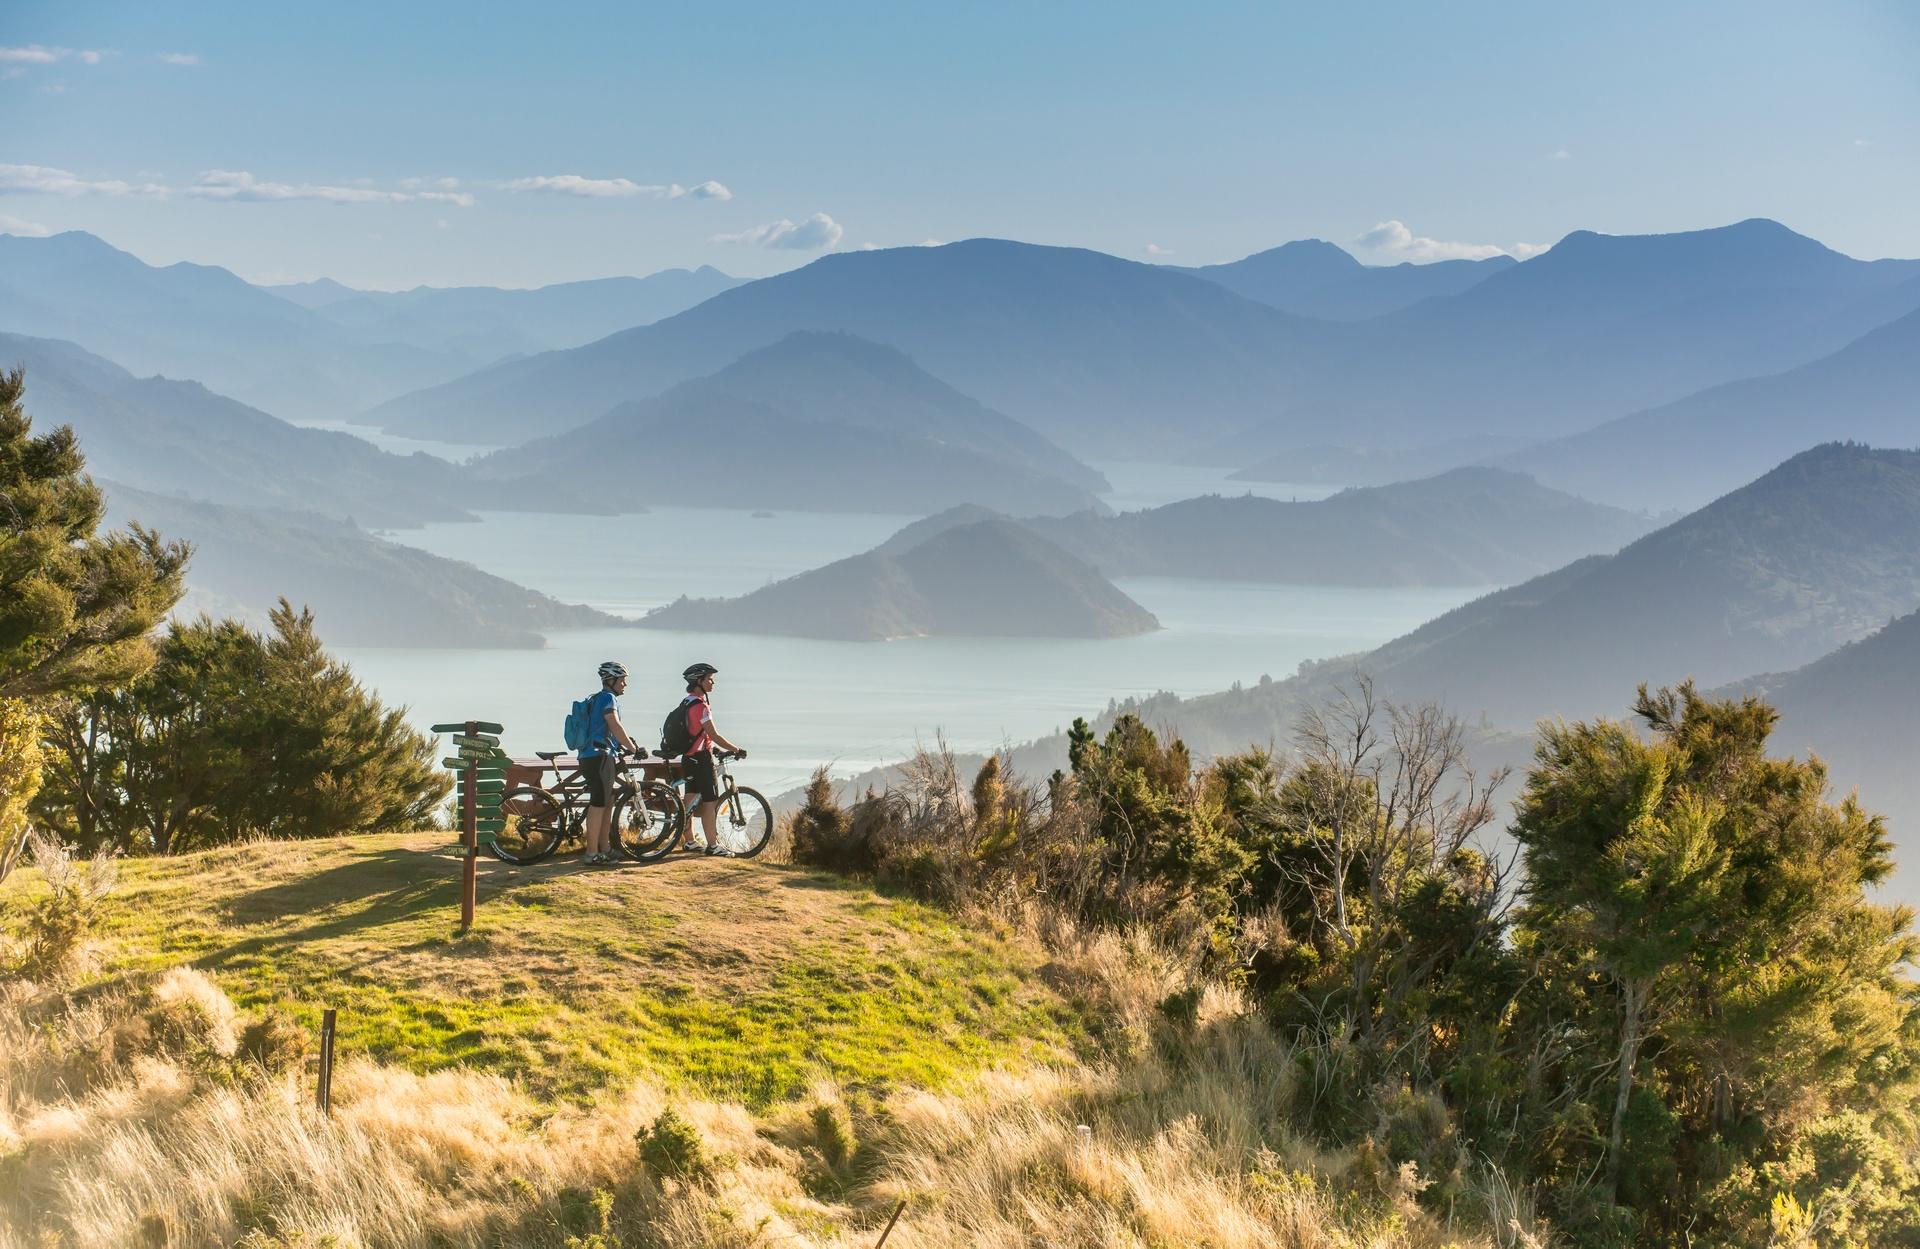 Marlborough, New Zealand. Image NMZ